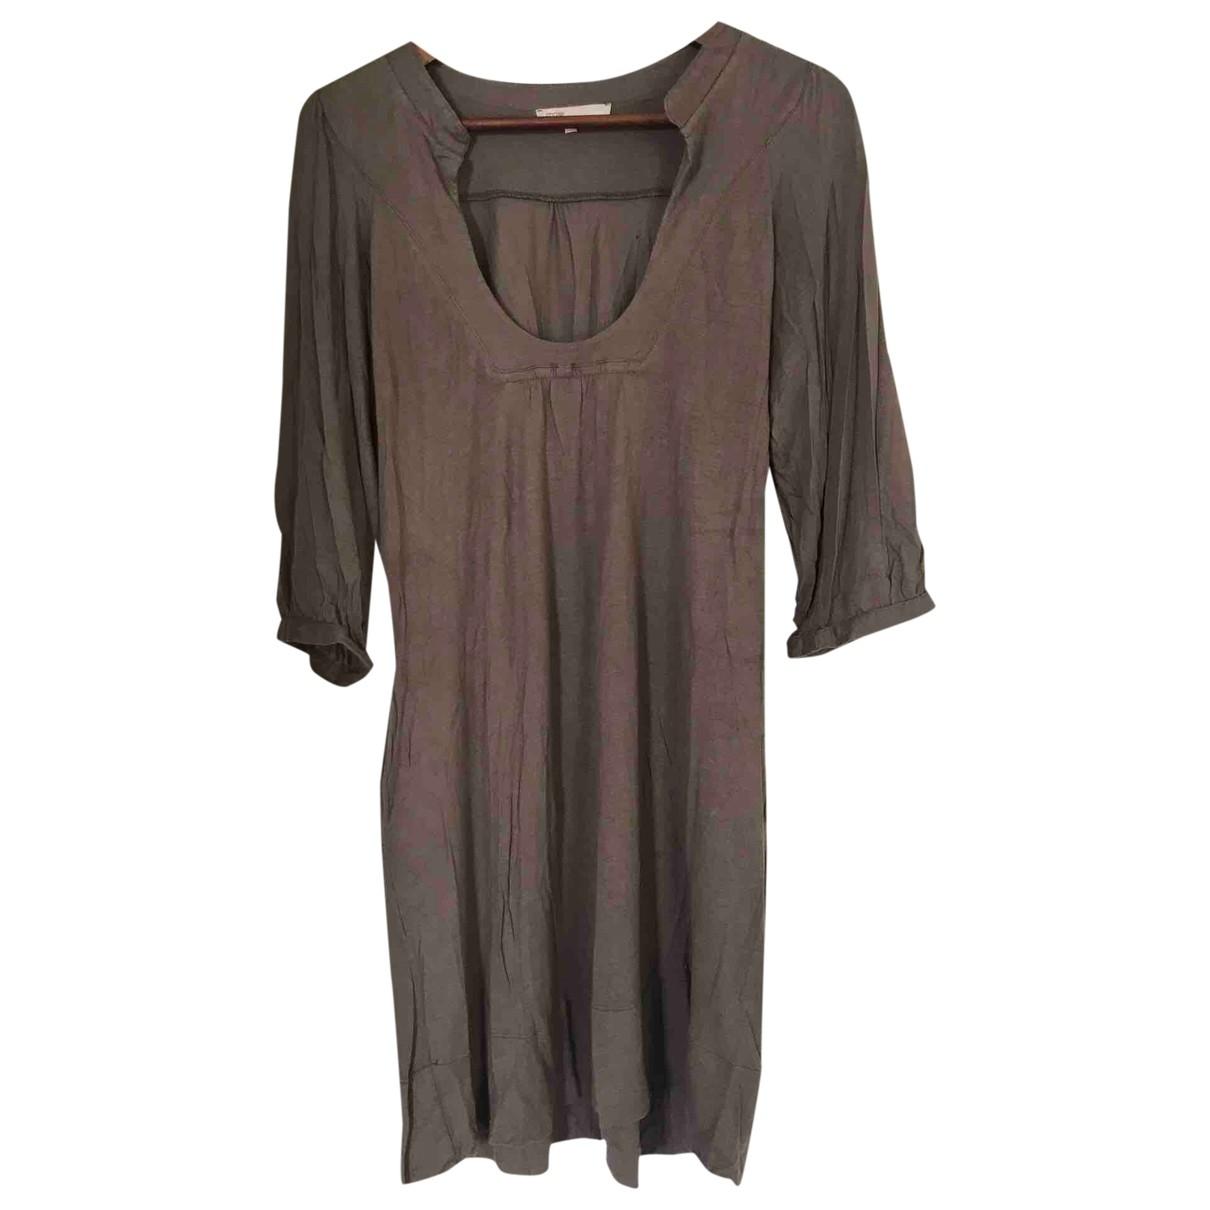 Maje \N Khaki dress for Women 2 0-5